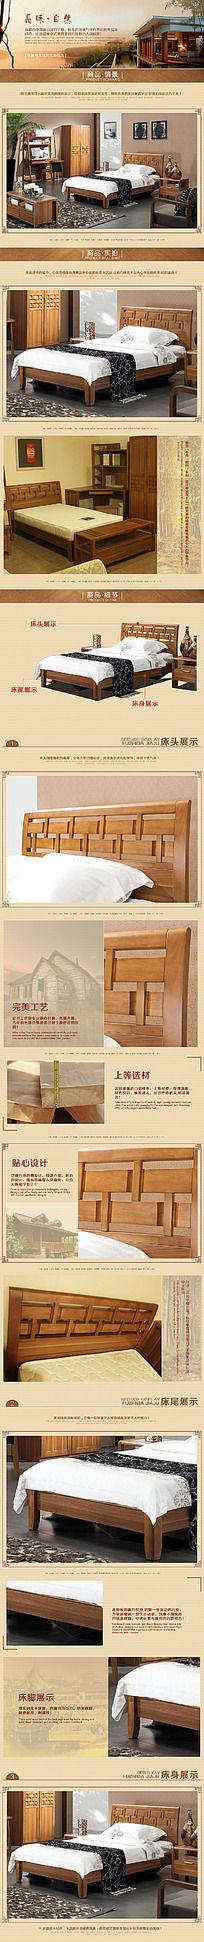 淘宝天猫中式木床详情页